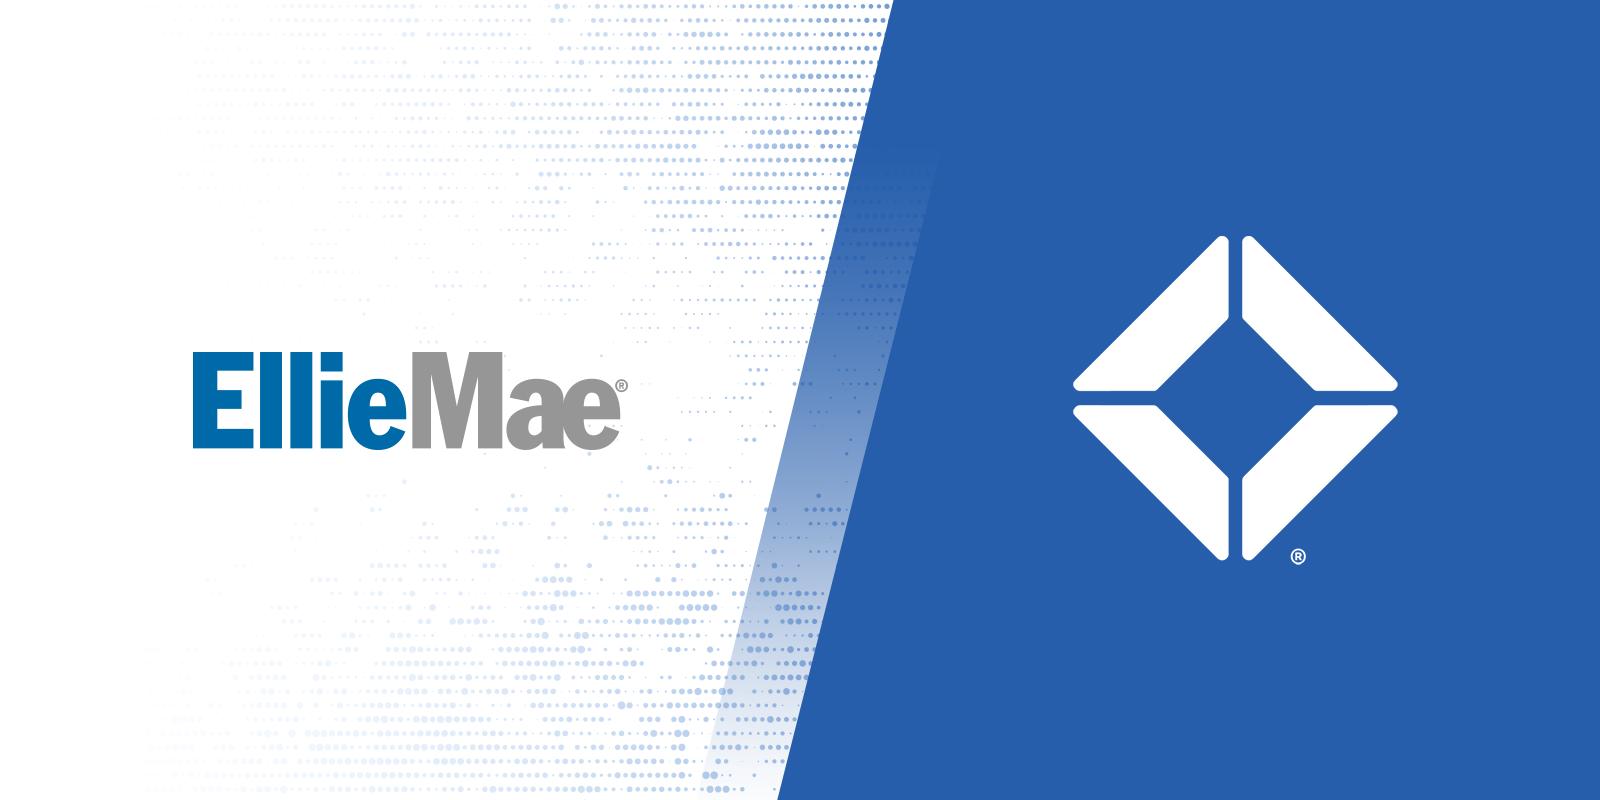 Ellie-Mae_Press